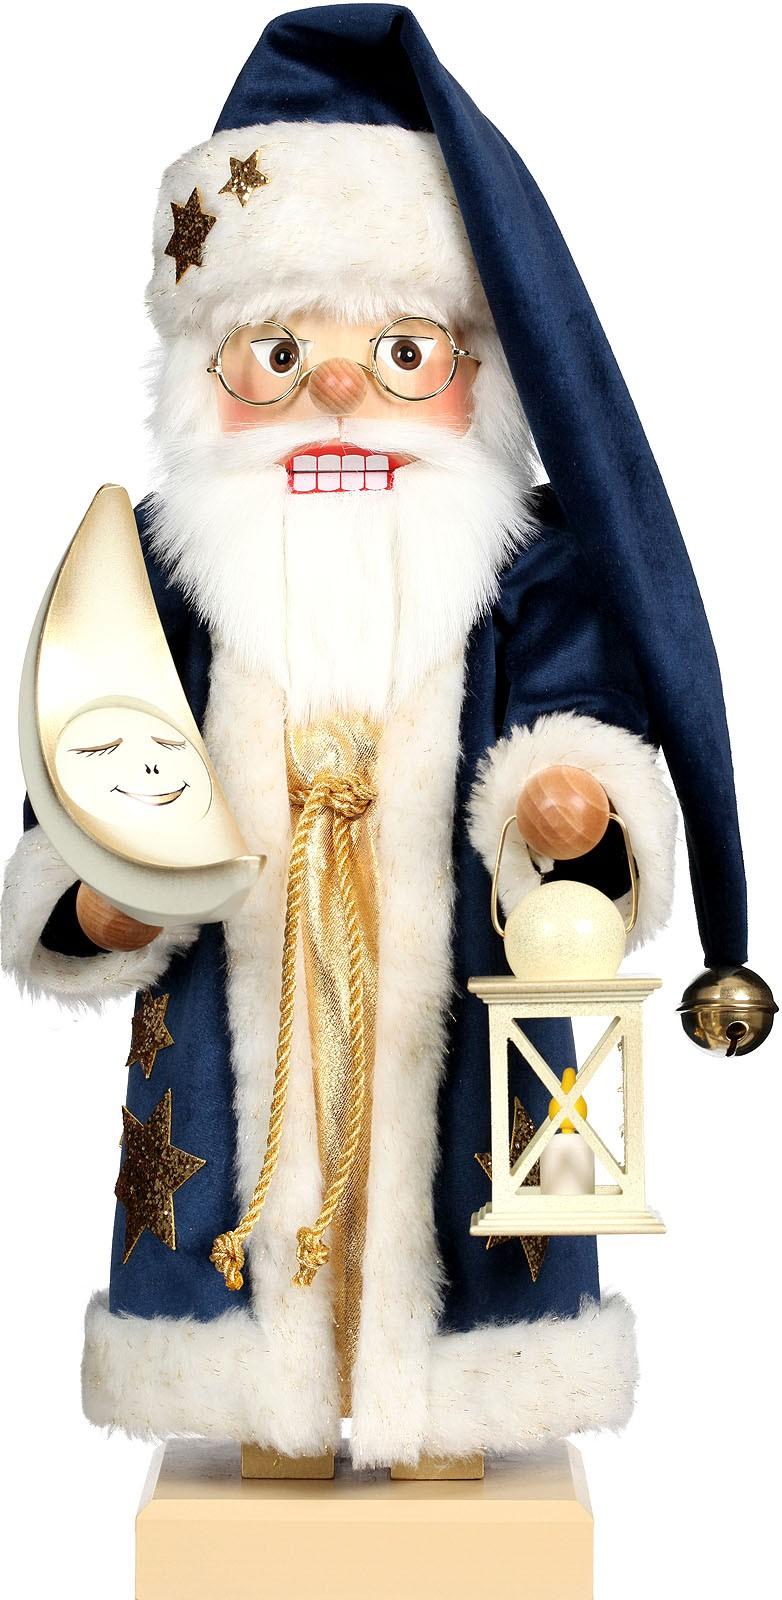 Nussknacker Weihnachtsmann - Gute Nacht